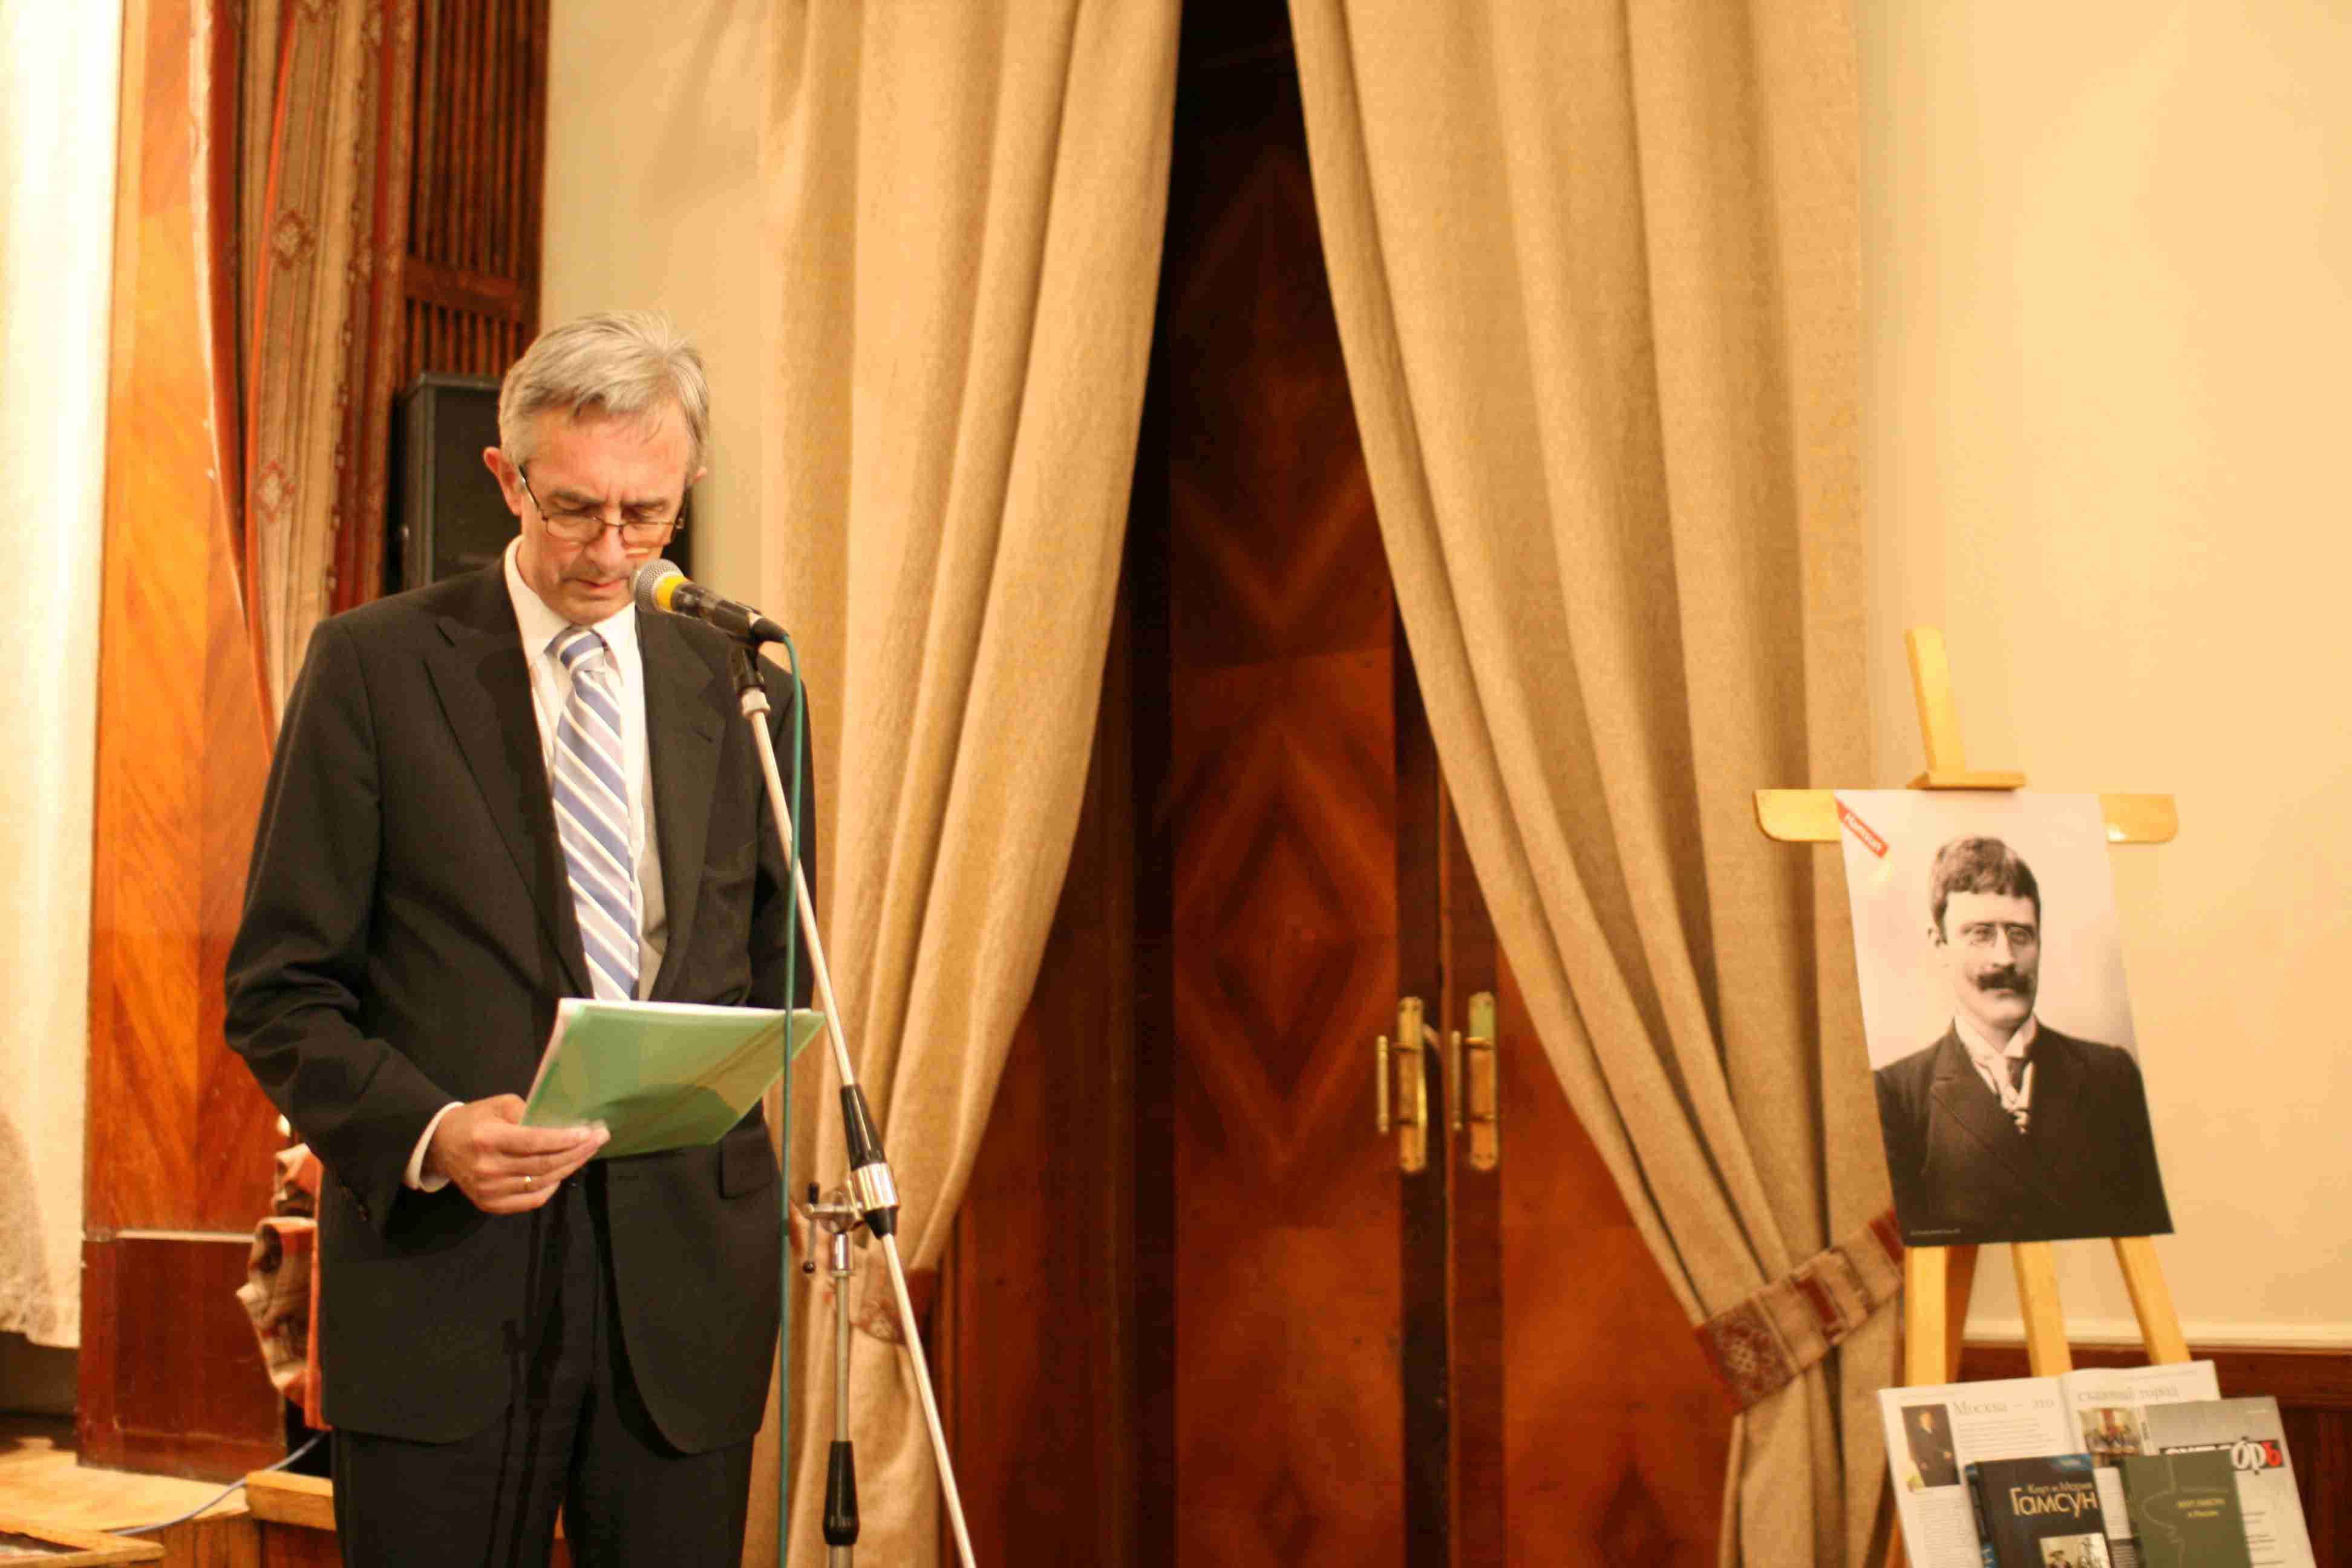 посол Норвегии в РФ Кнут Хауге открывает конференцию